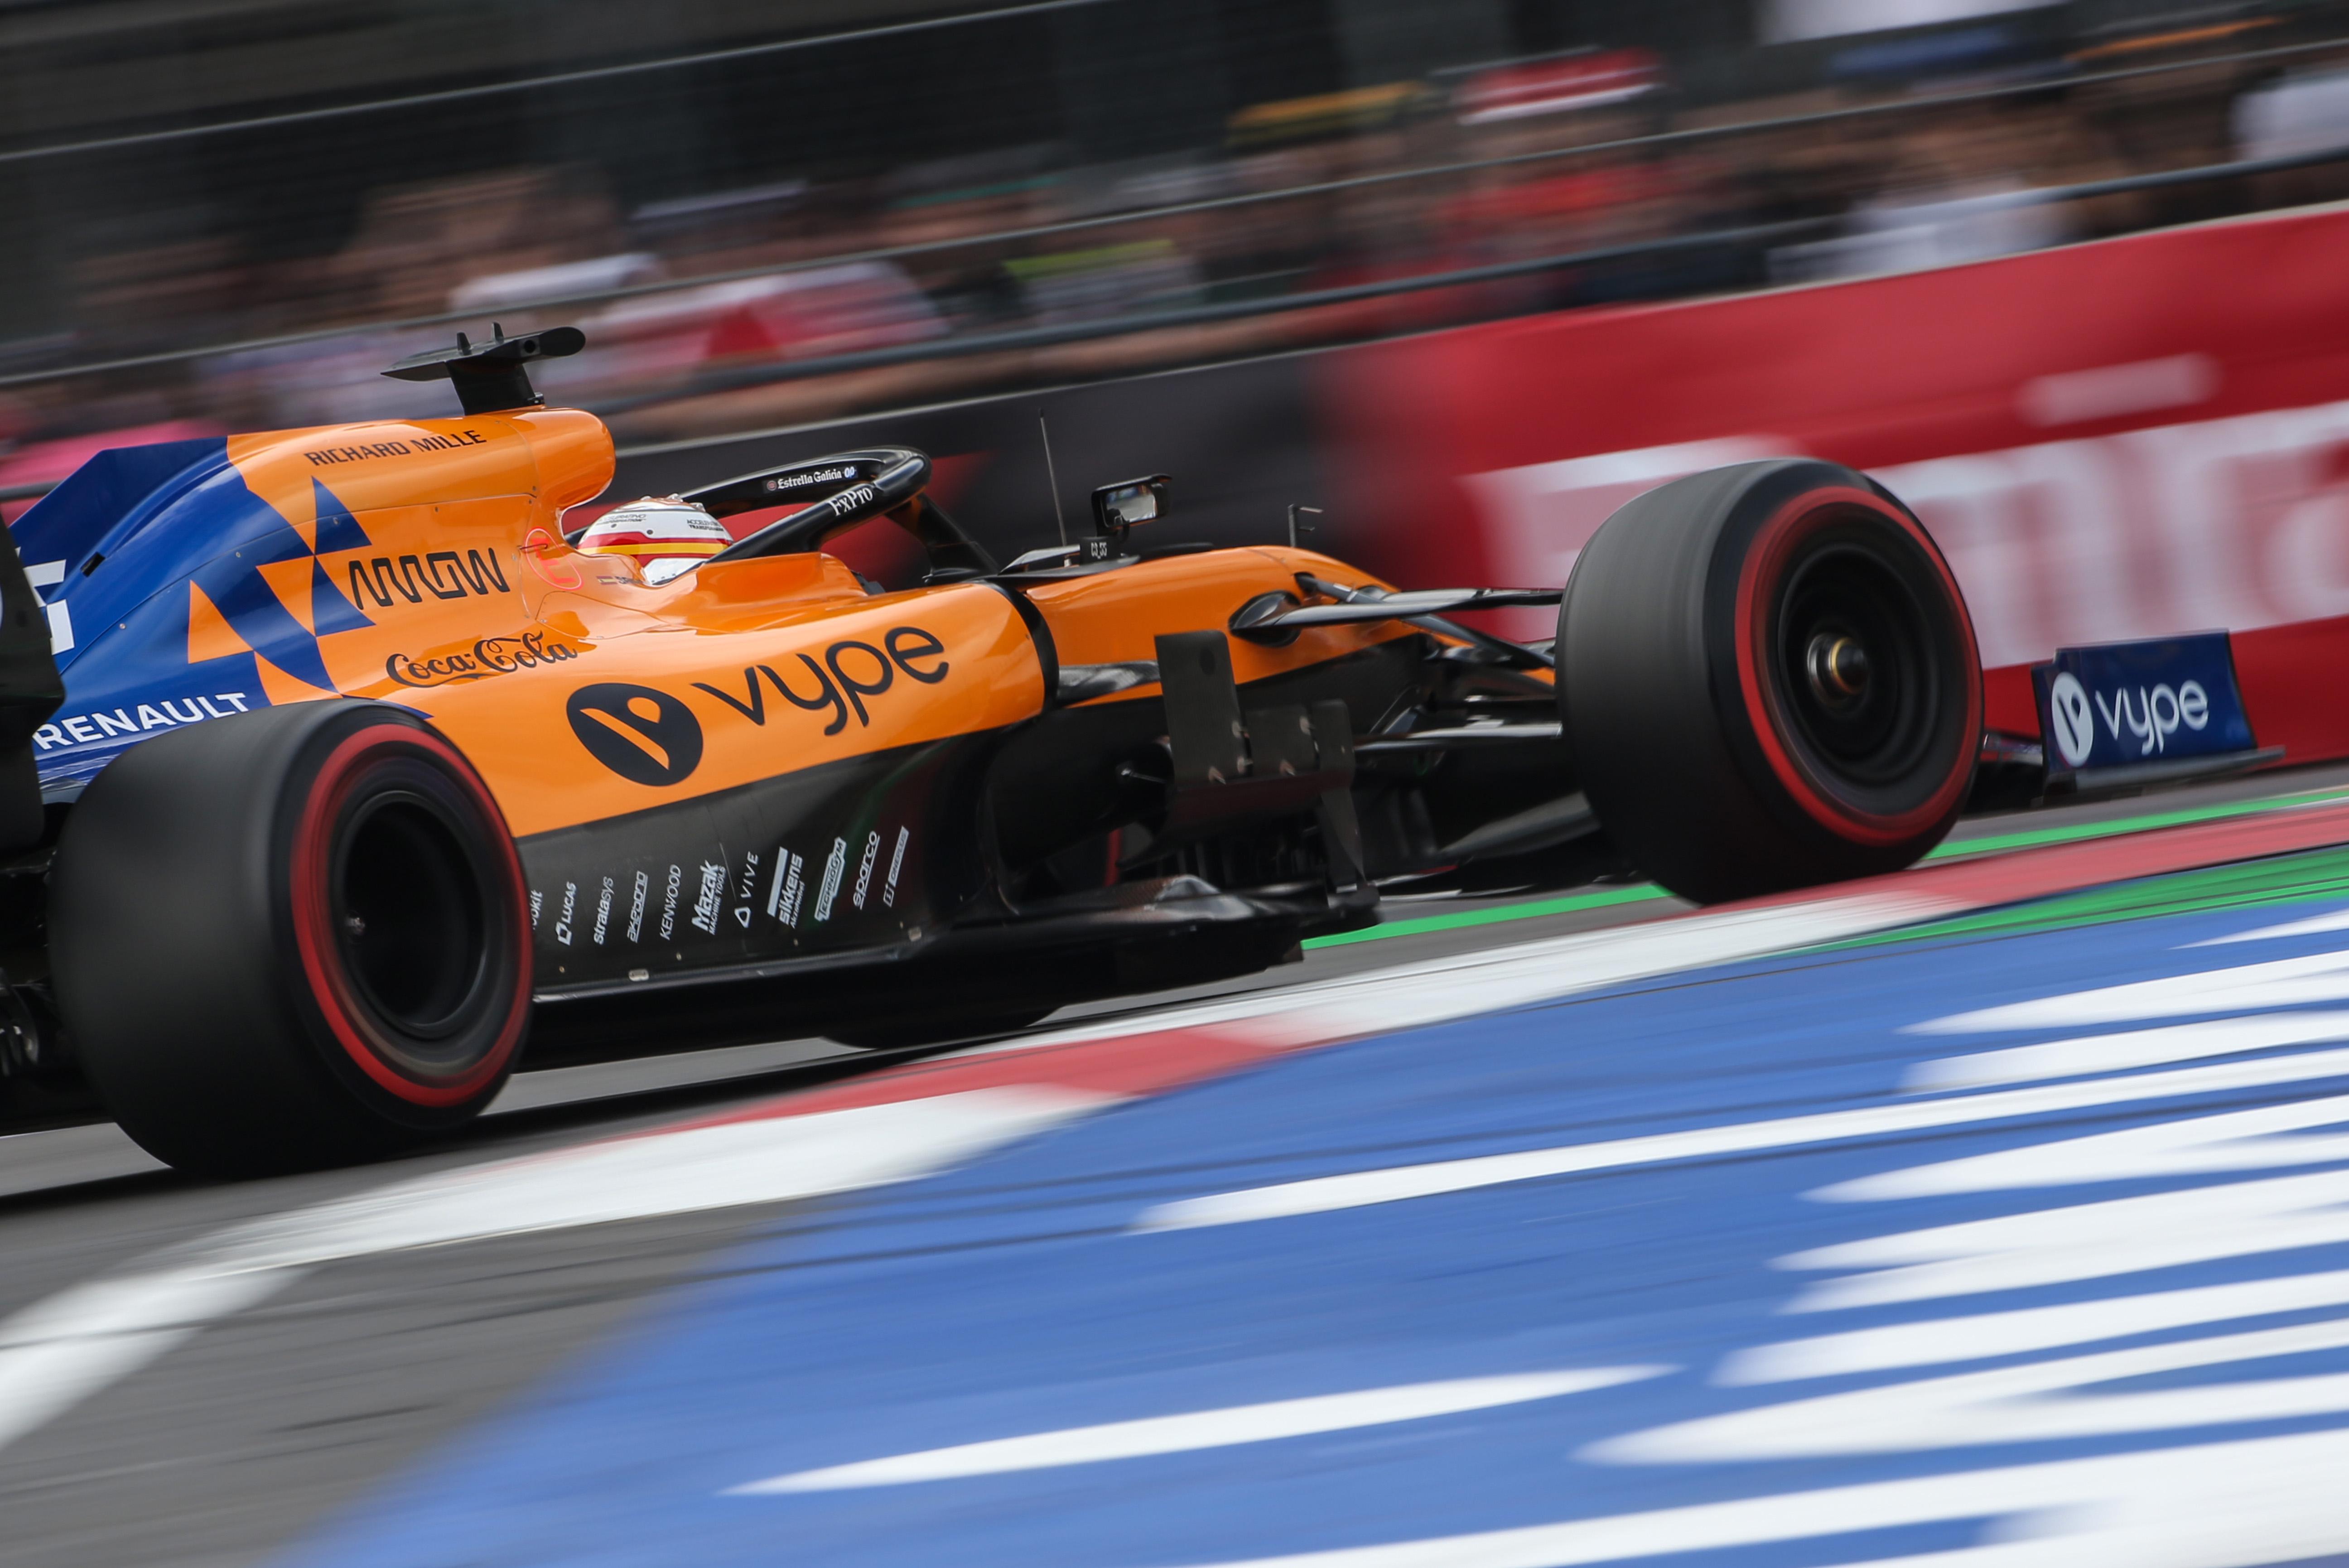 Carlos Sainz - McLaren 2019